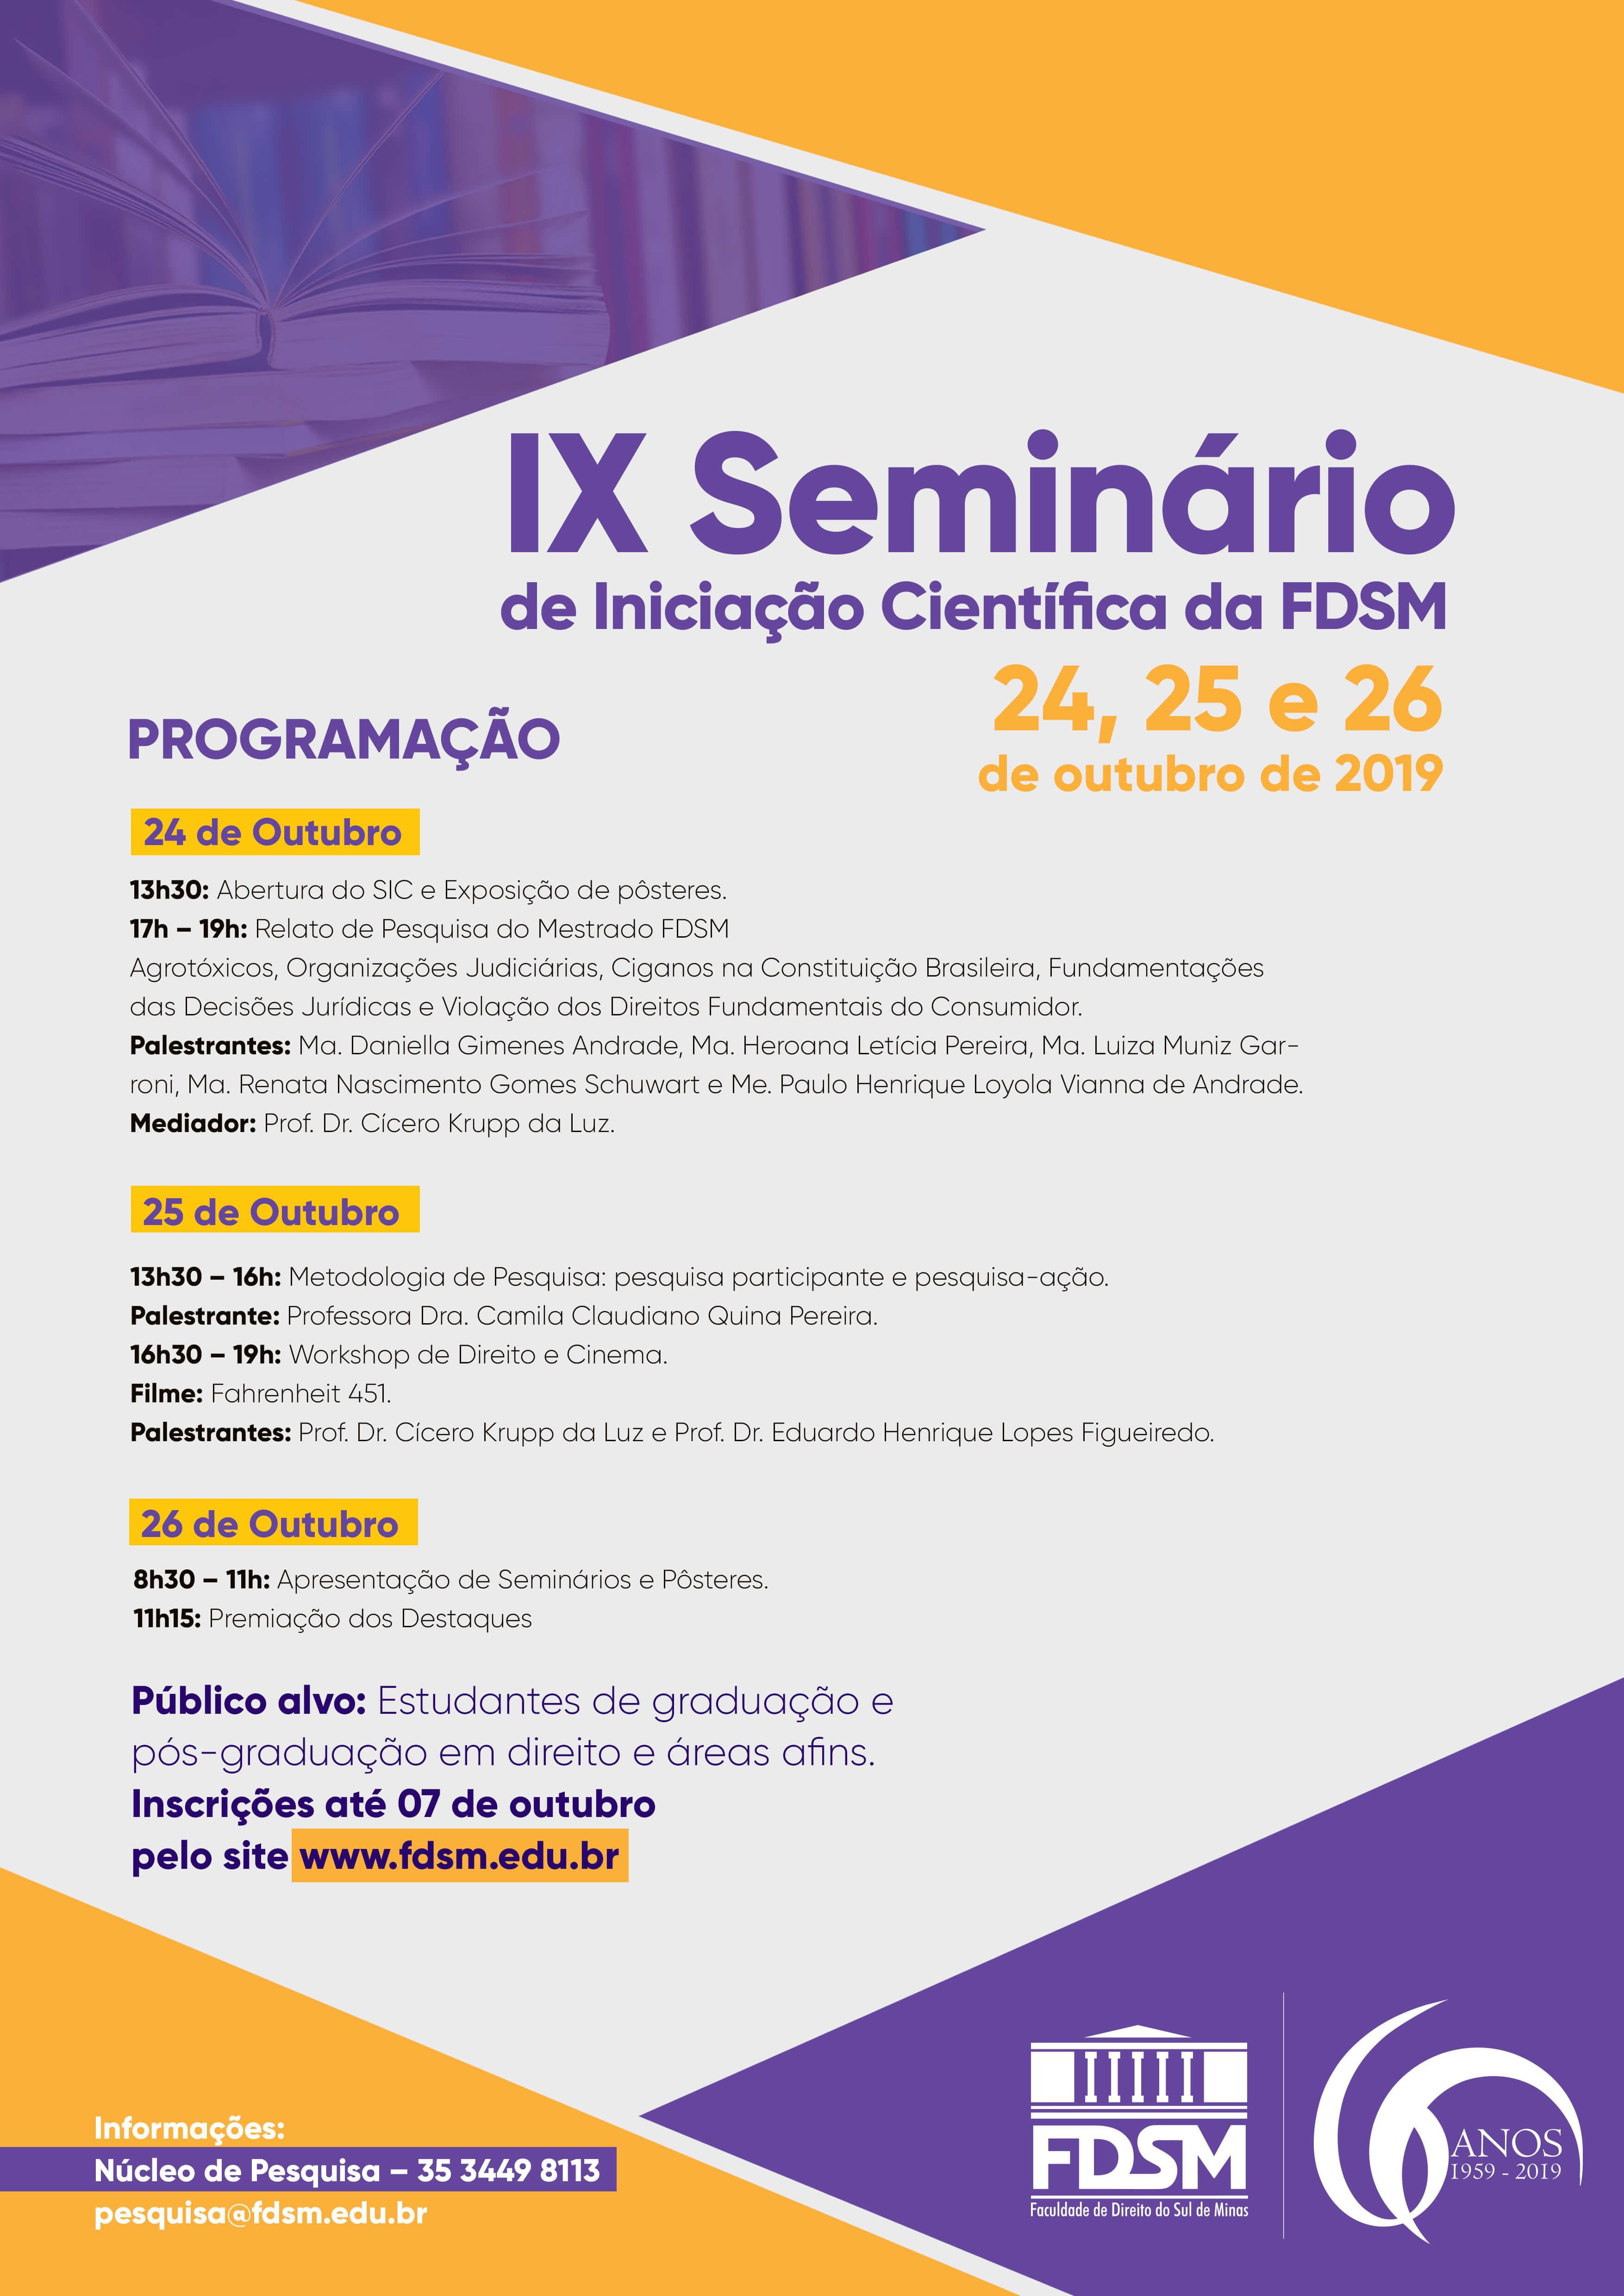 Evento 531 - DIA 24/10 - IX SEMINÁRIO DE INICIAÇÃO CIENTÍFICA DA FDSM